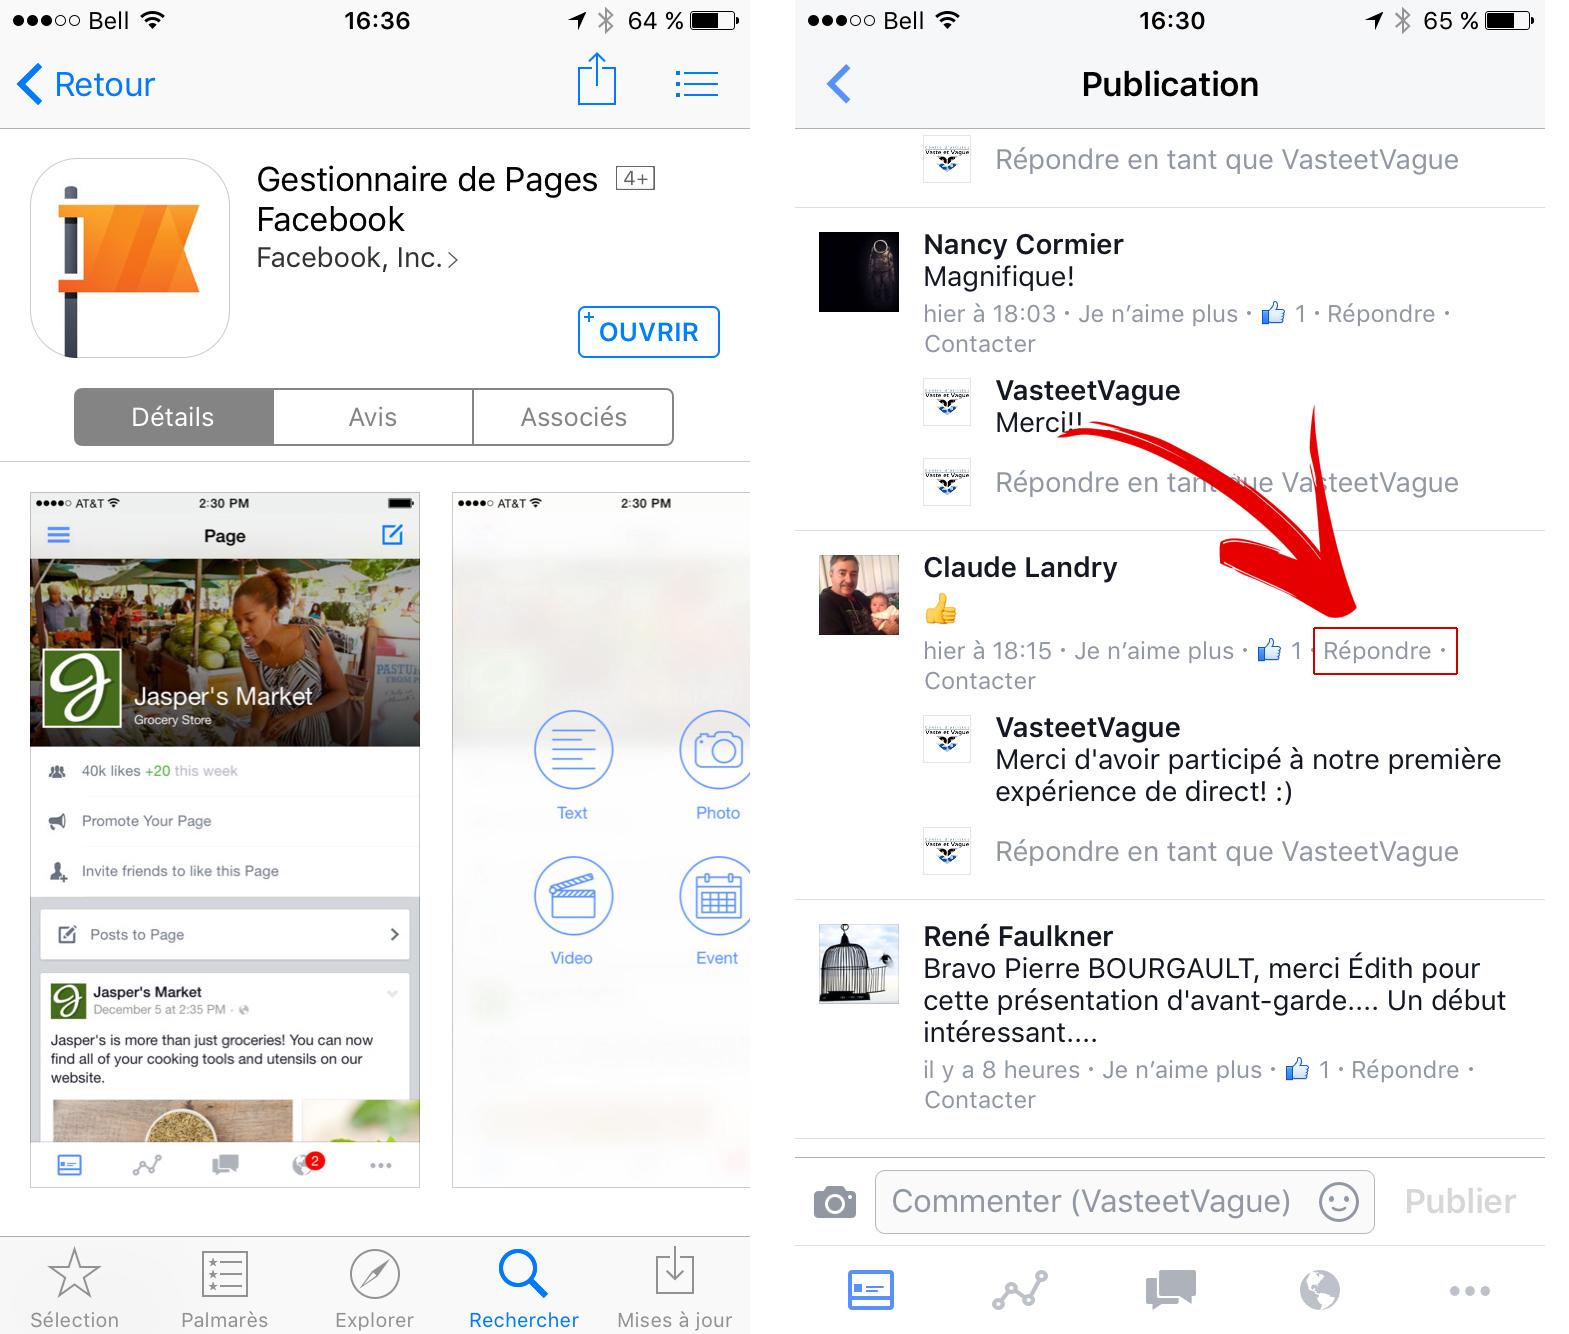 App Pages Repondre